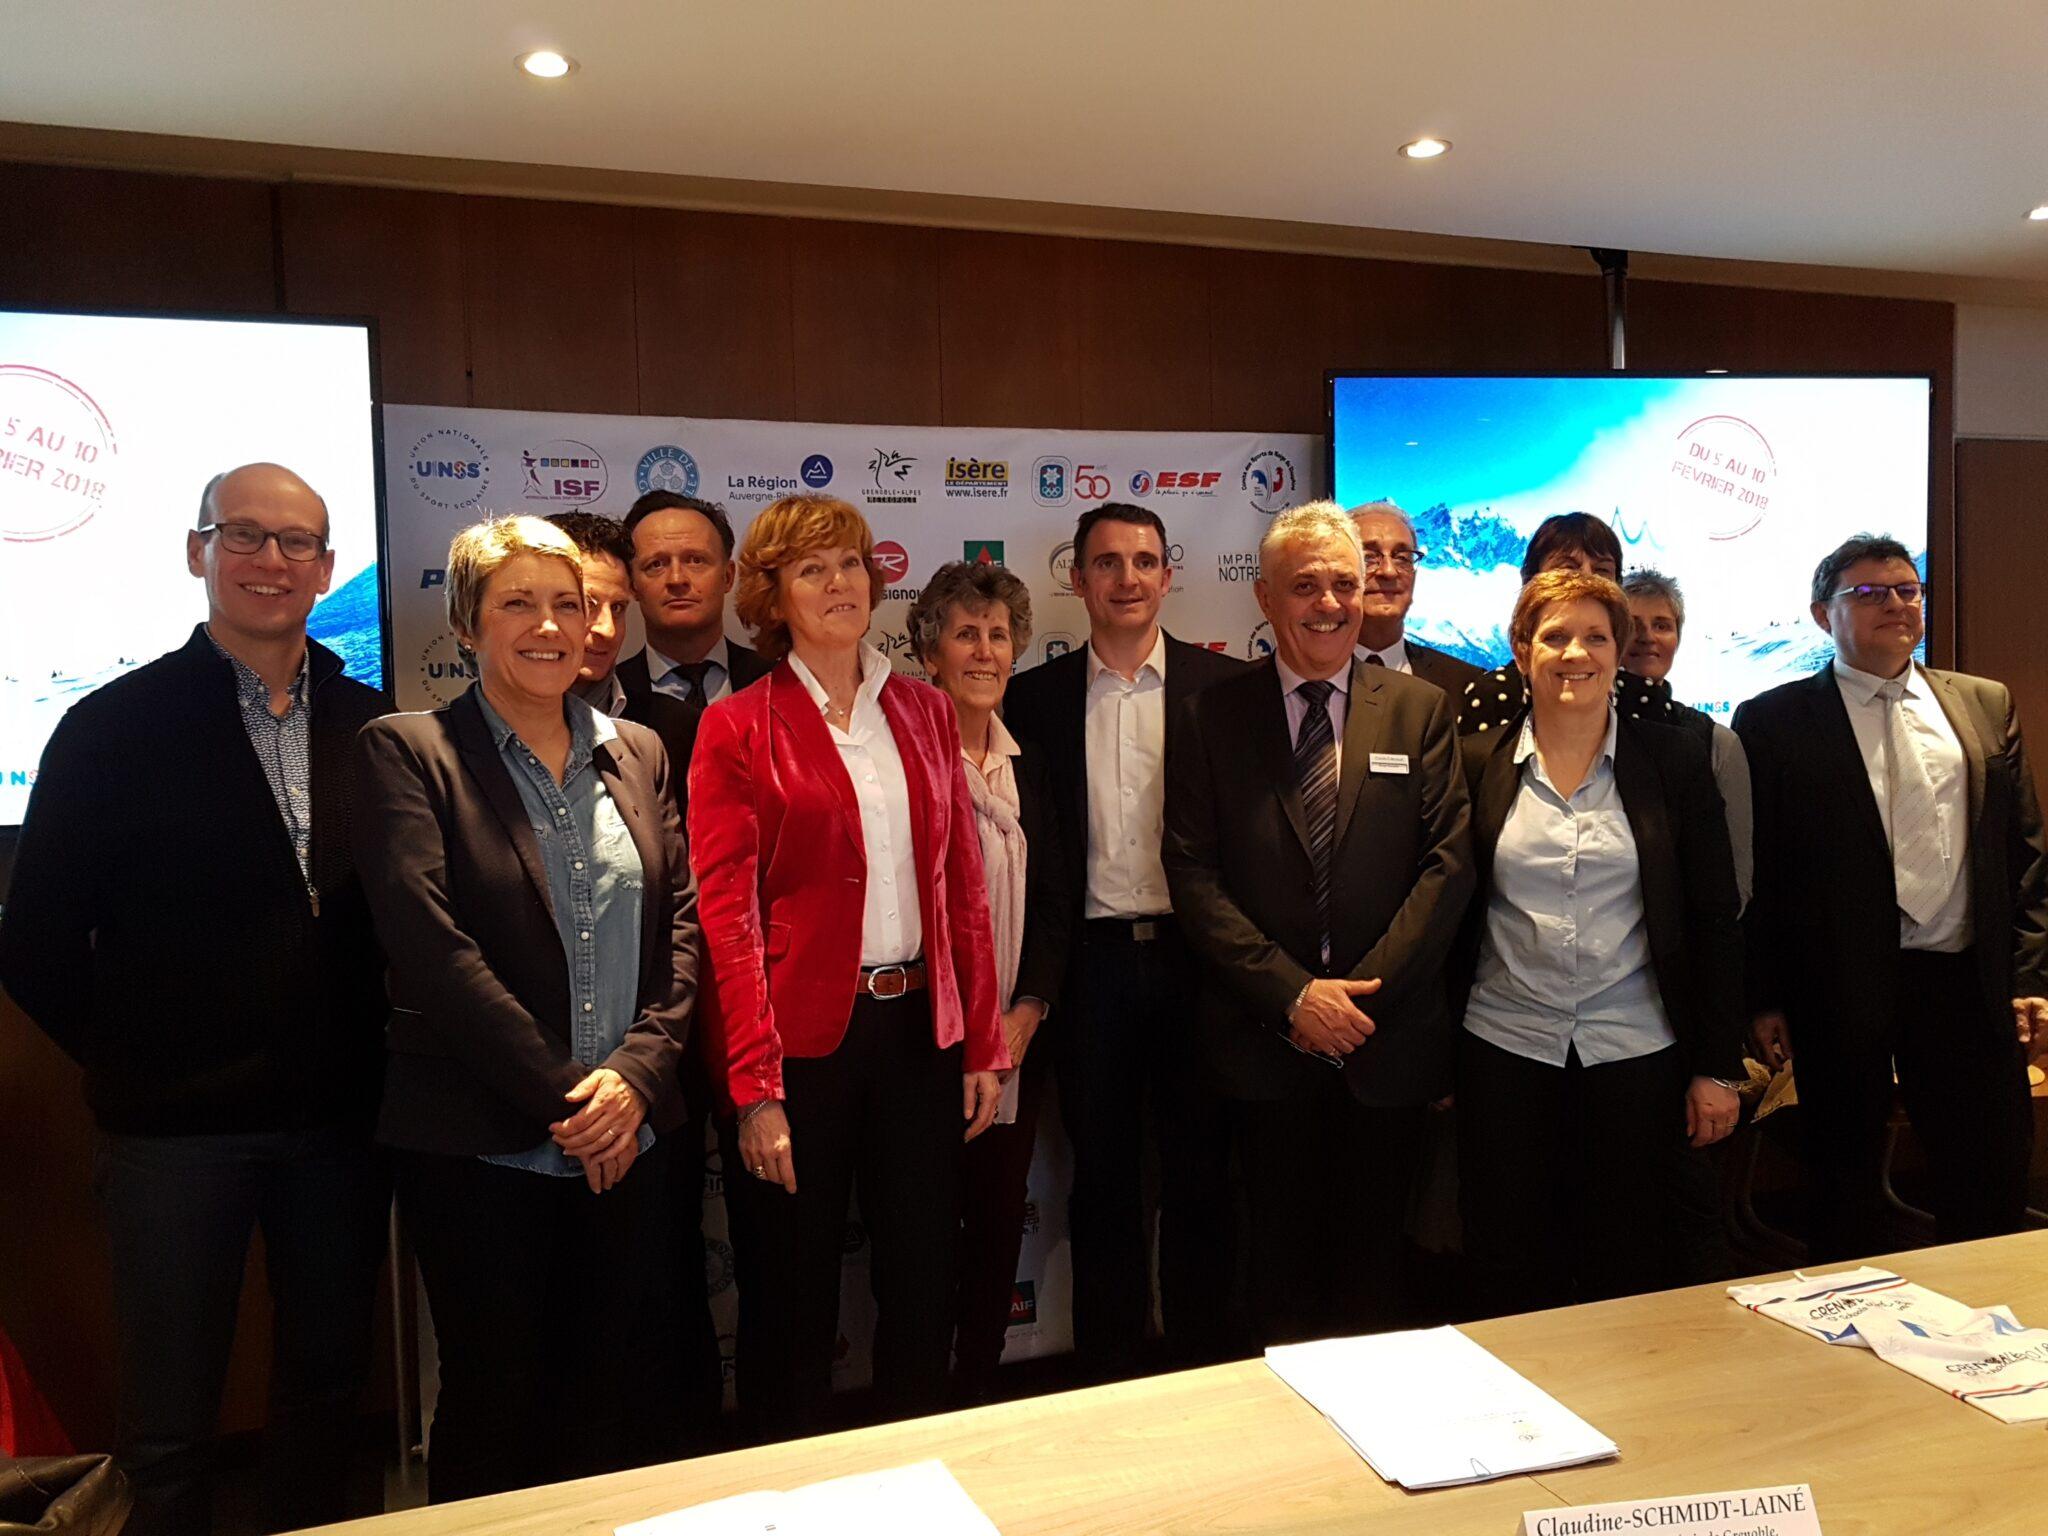 Les partenaires des ISF Winter Schools Games autour du recteur Claudine Schmidt-Lainé (veste rouge), de Laurent Petrynka, directeur national de l'UNSS et d'Eric Piolle, maire de Grenoble